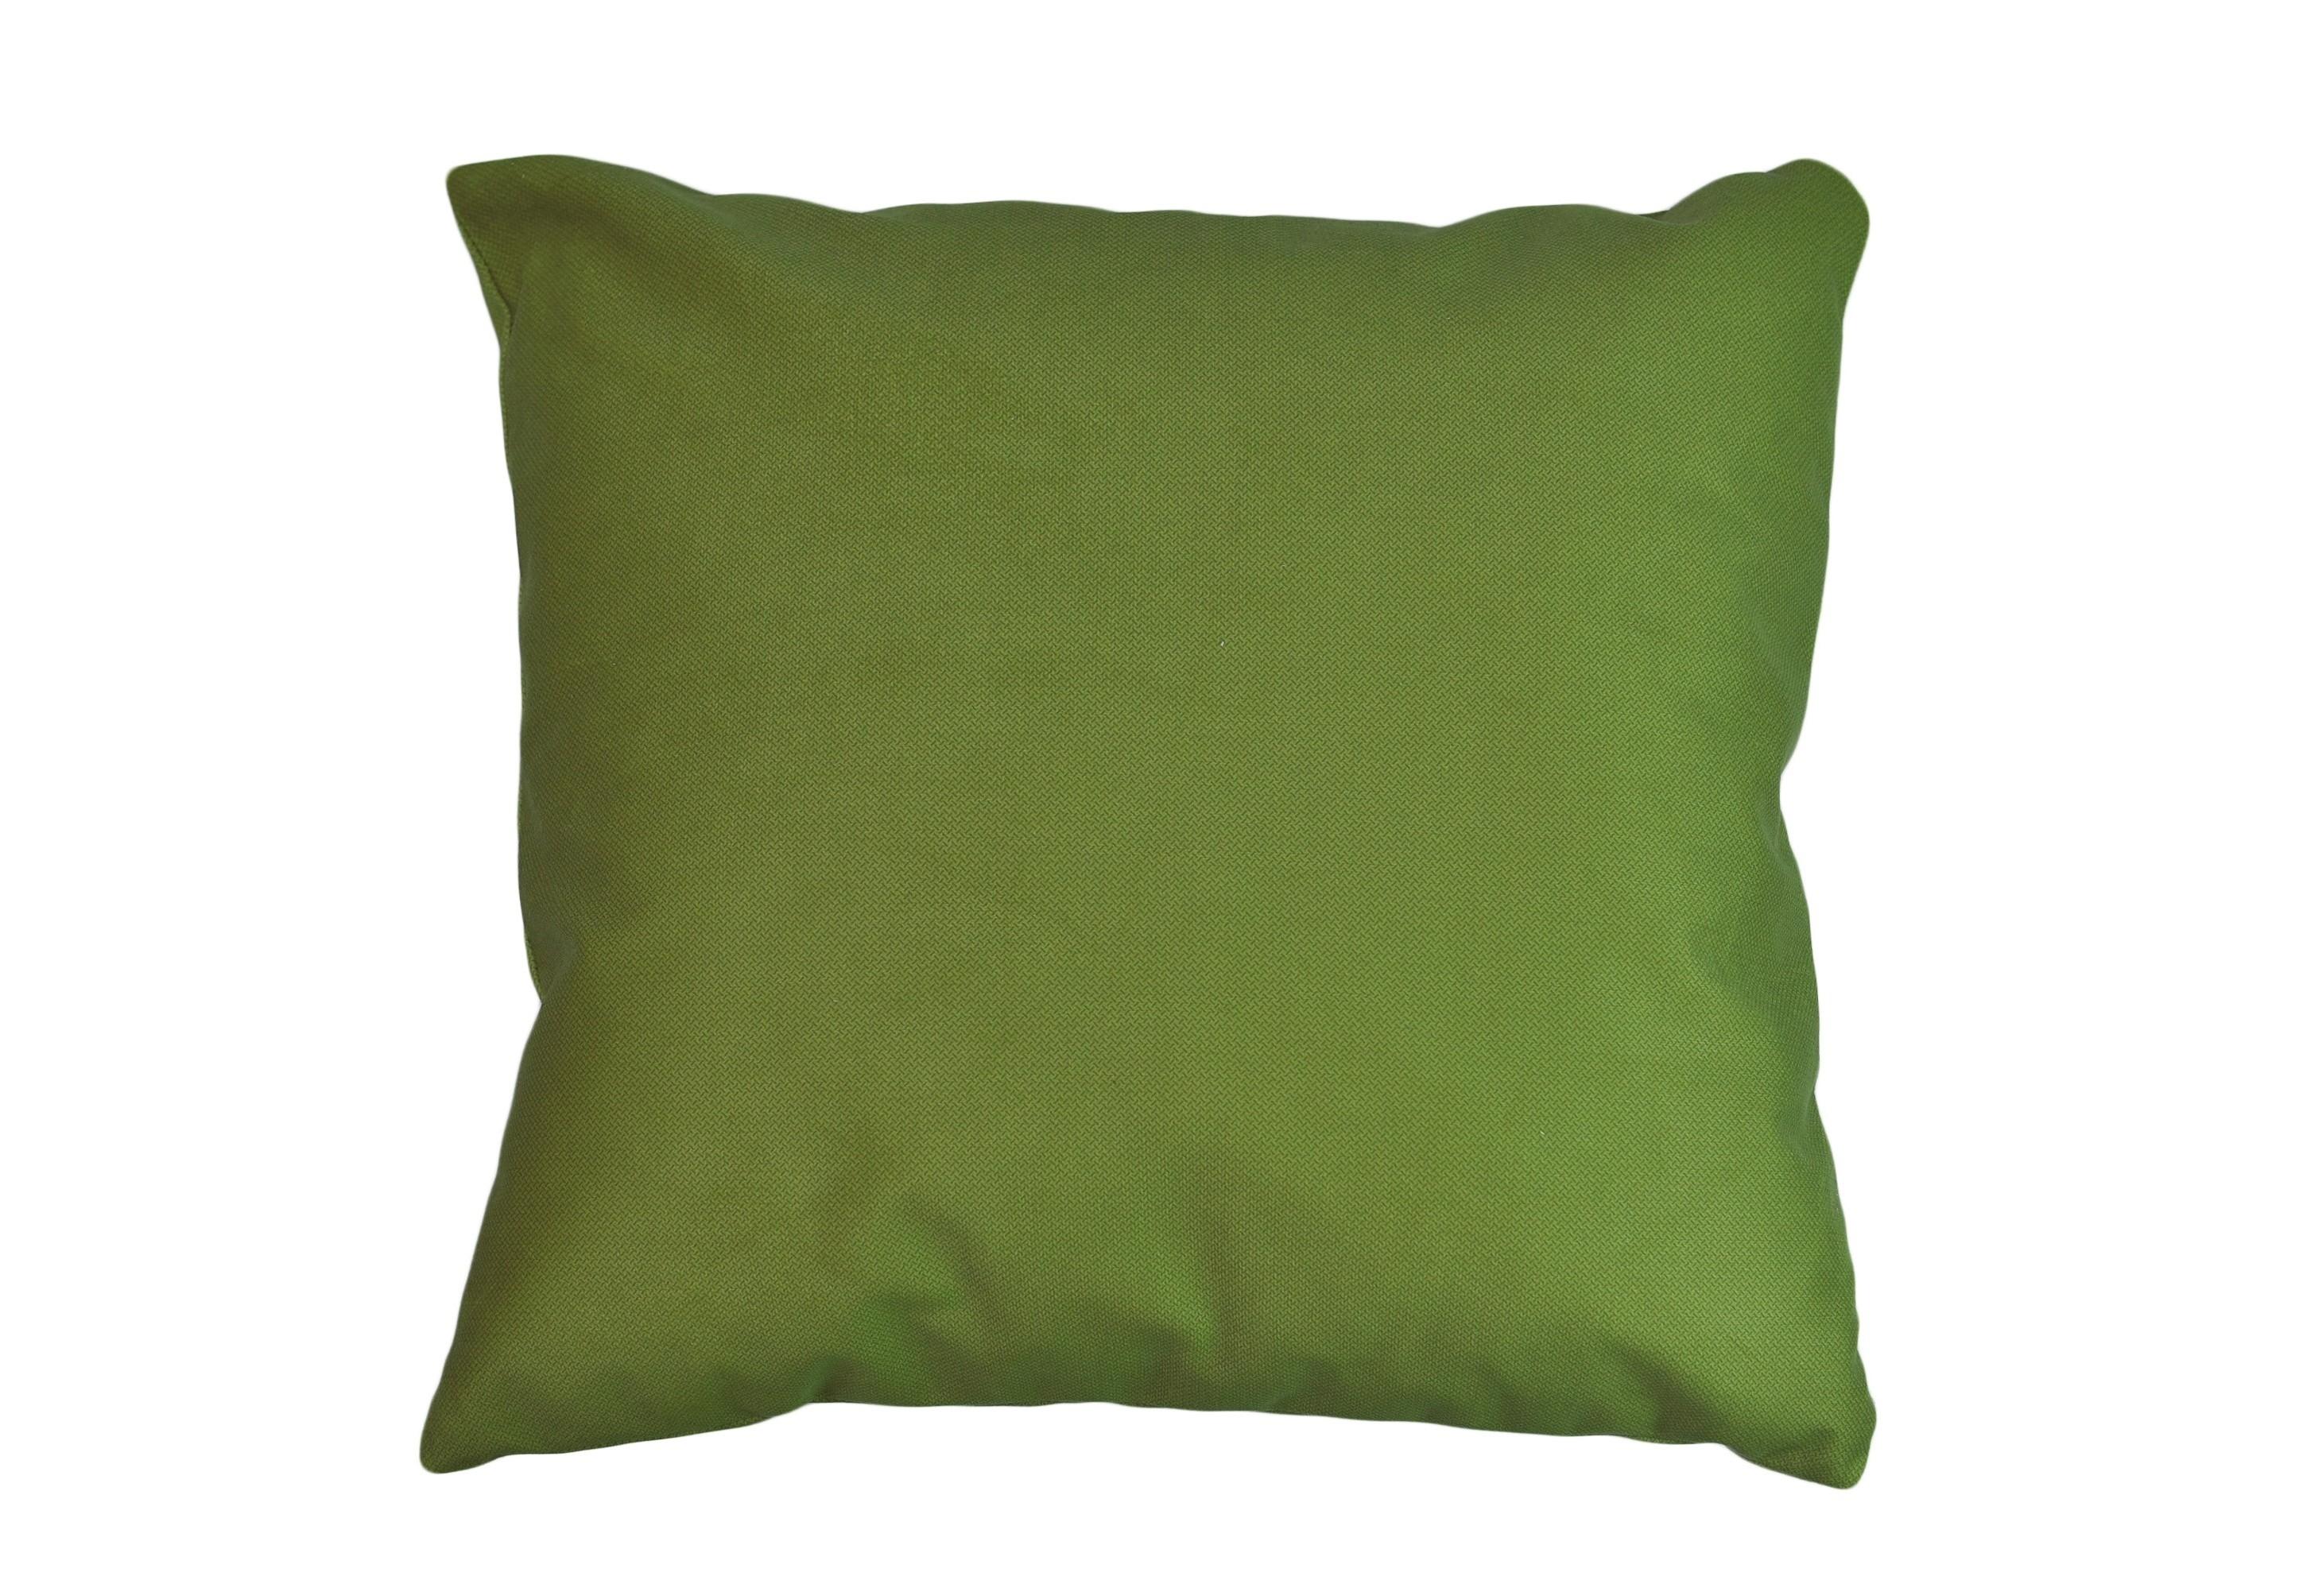 Подушка декоративная (2шт.)Квадратные подушки<br>Декоративная подушка станет ярким акцентом в вашем интерьере. Высококачественный материал приятен и безопасен даже для самой чувствительной кожи.  Оригинальная подушка сделает пространство стильным и уютным.<br><br>Material: Текстиль<br>Length см: None<br>Width см: 45<br>Height см: 45